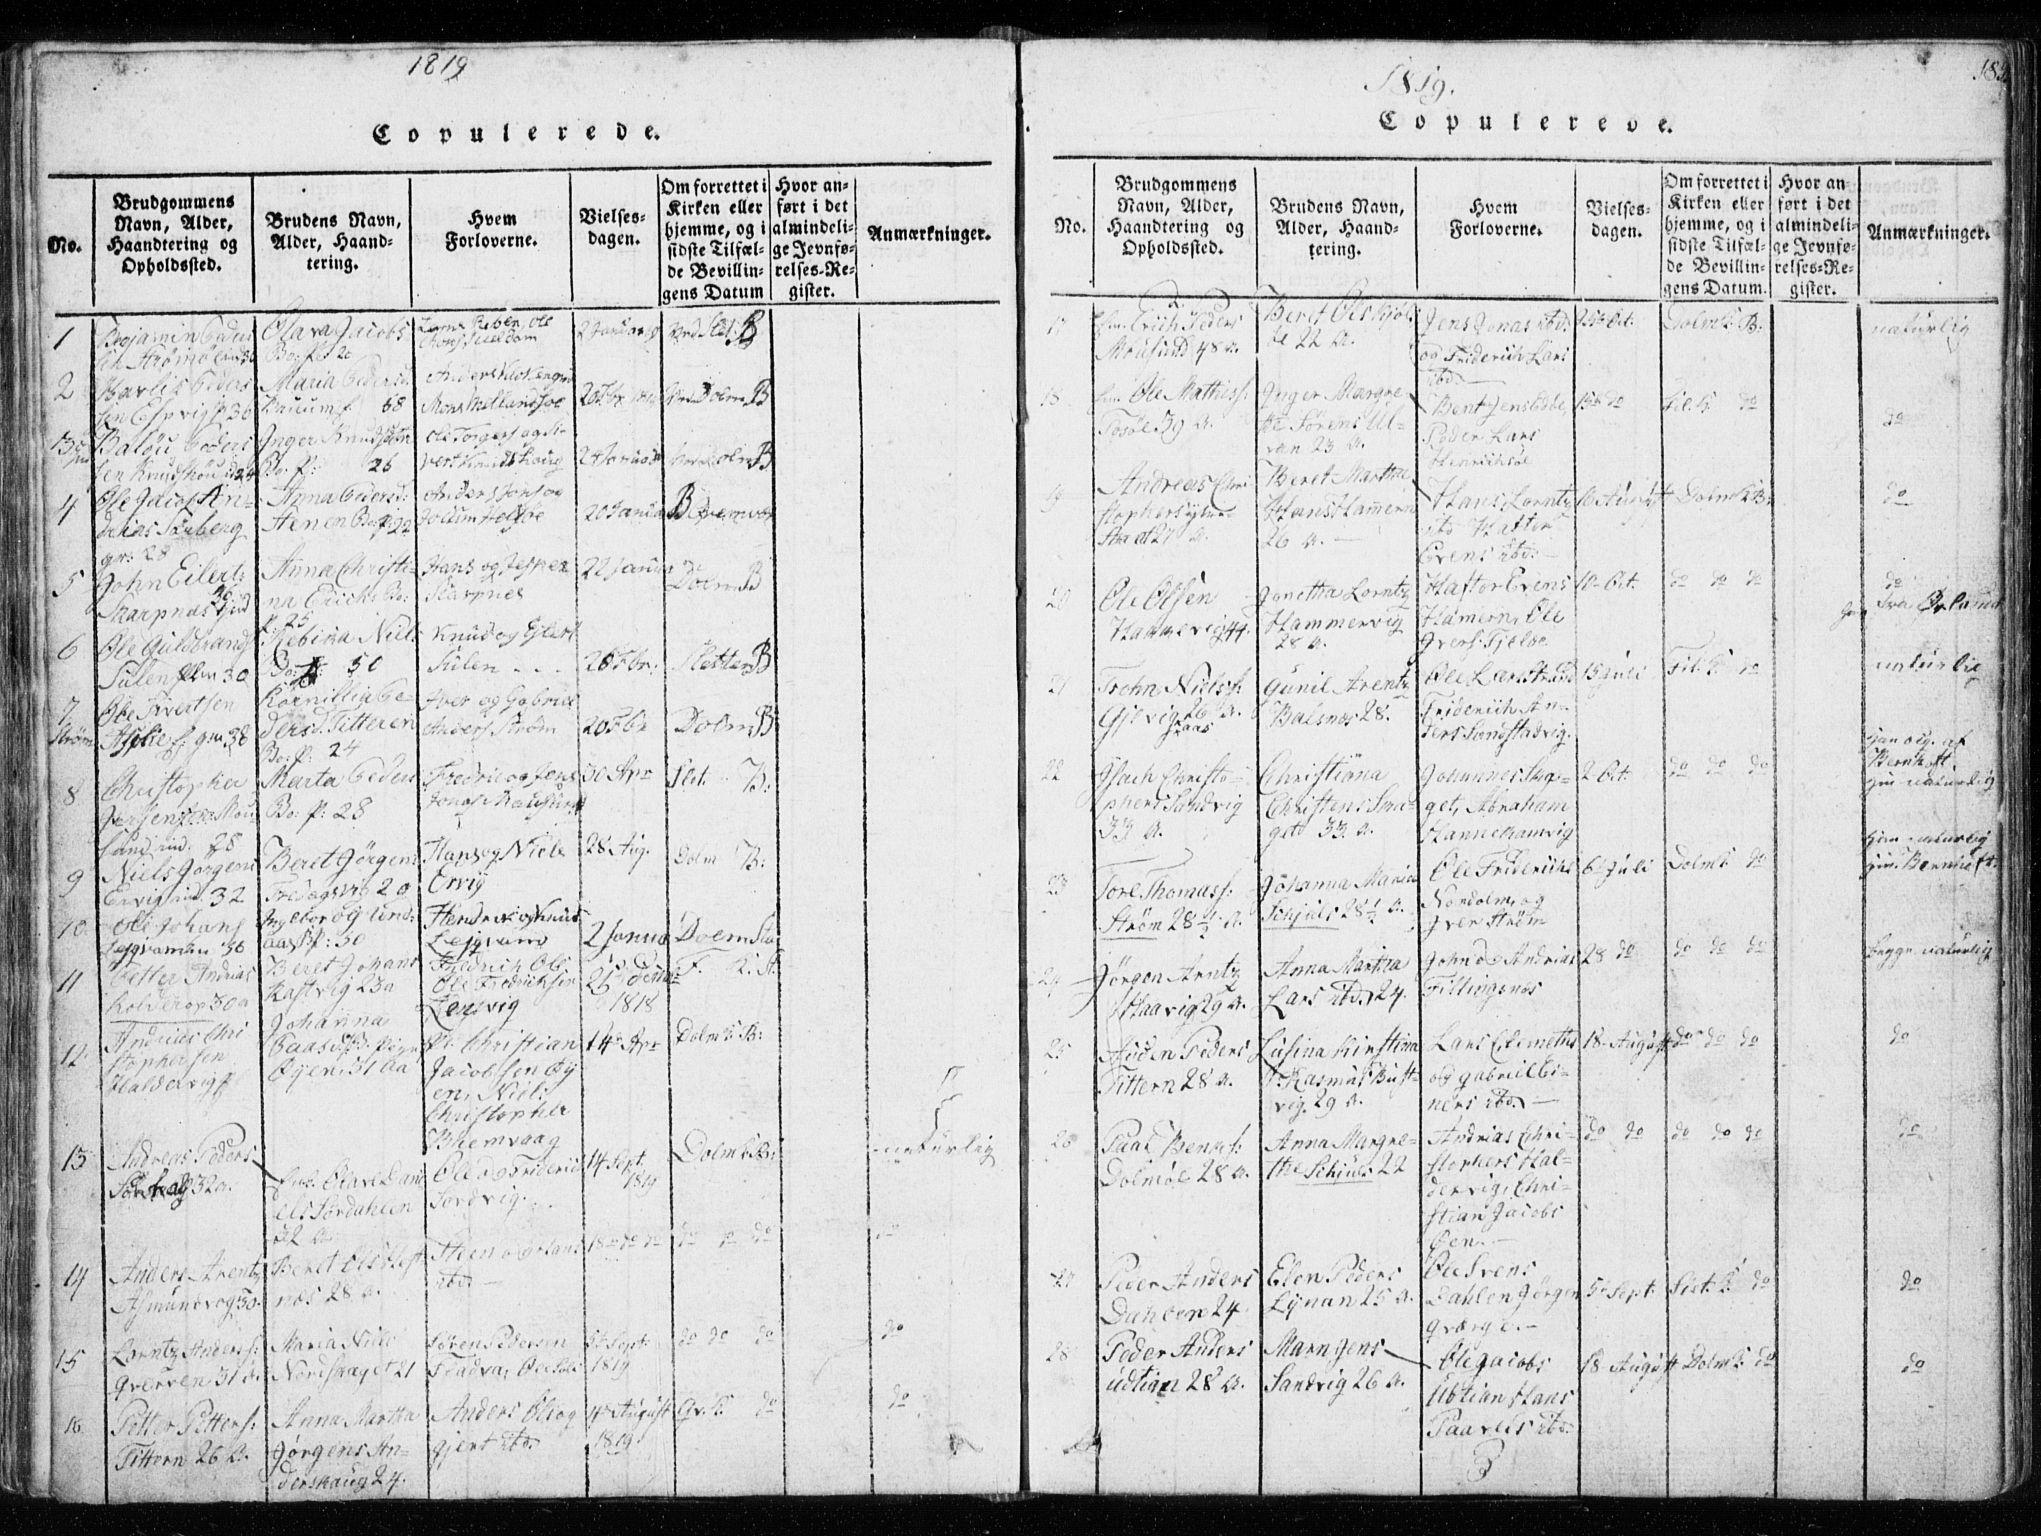 SAT, Ministerialprotokoller, klokkerbøker og fødselsregistre - Sør-Trøndelag, 634/L0527: Ministerialbok nr. 634A03, 1818-1826, s. 185